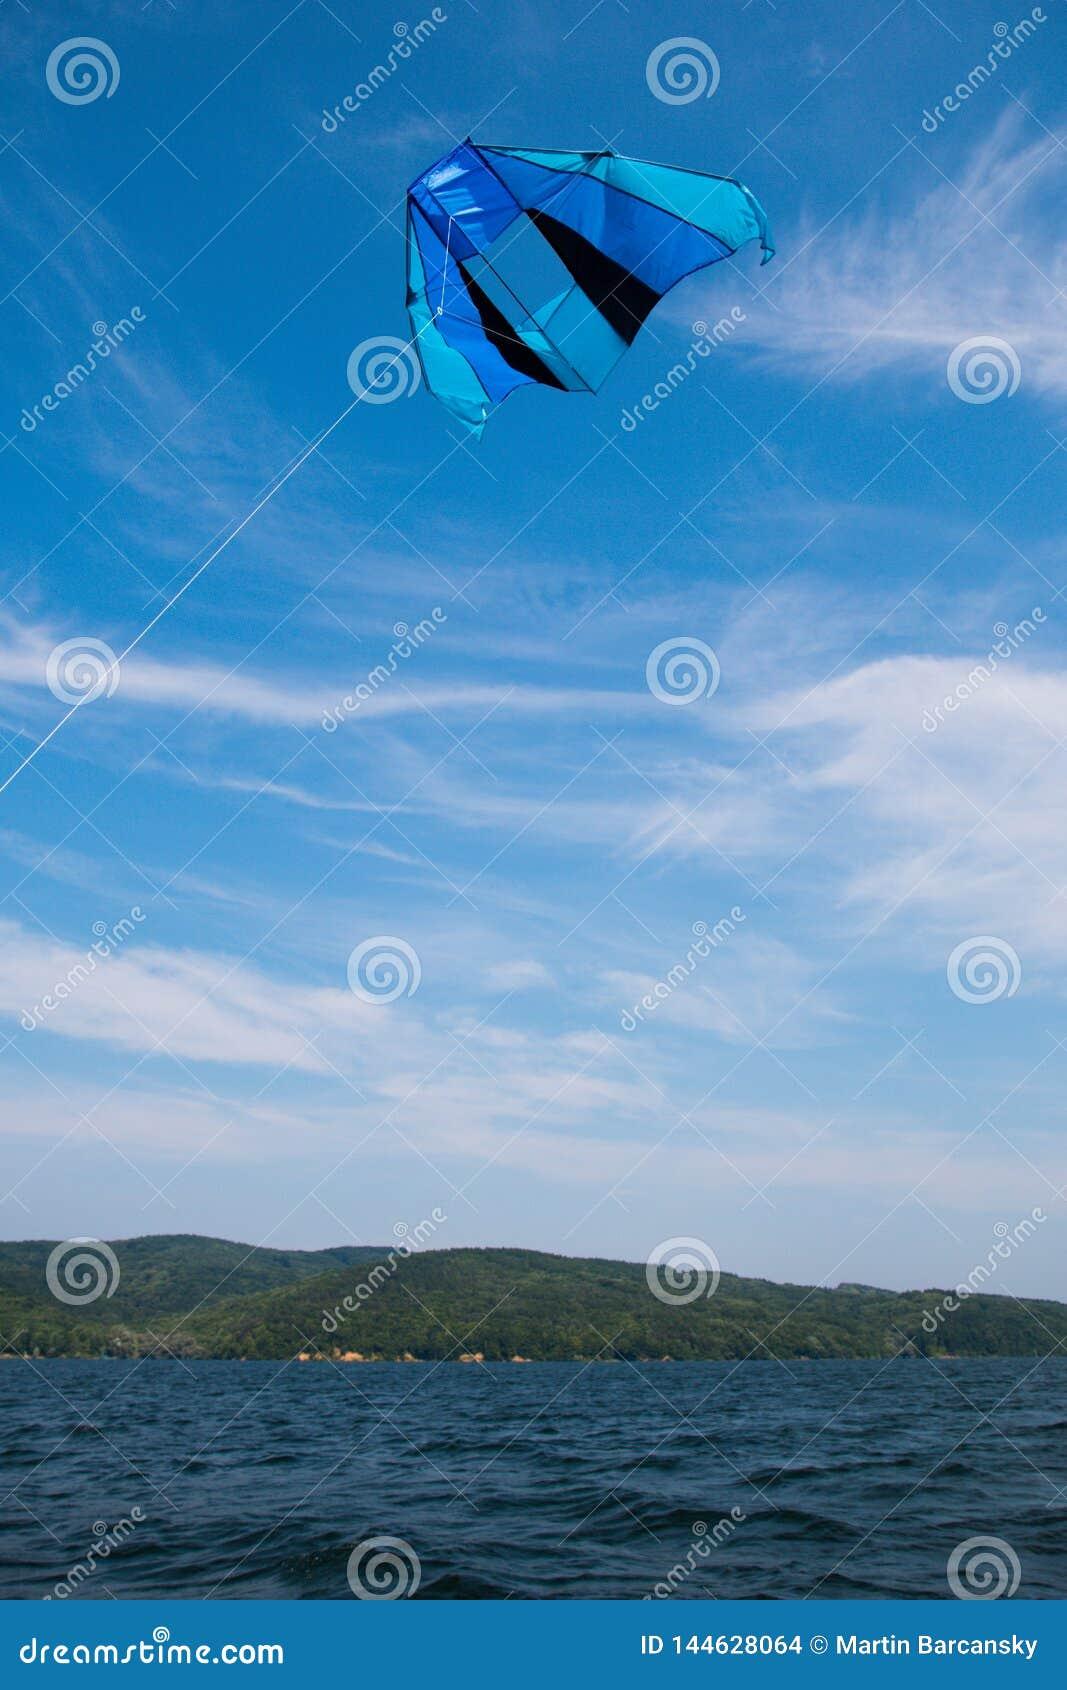 Blauwe vlieger op blauwe hemel over water